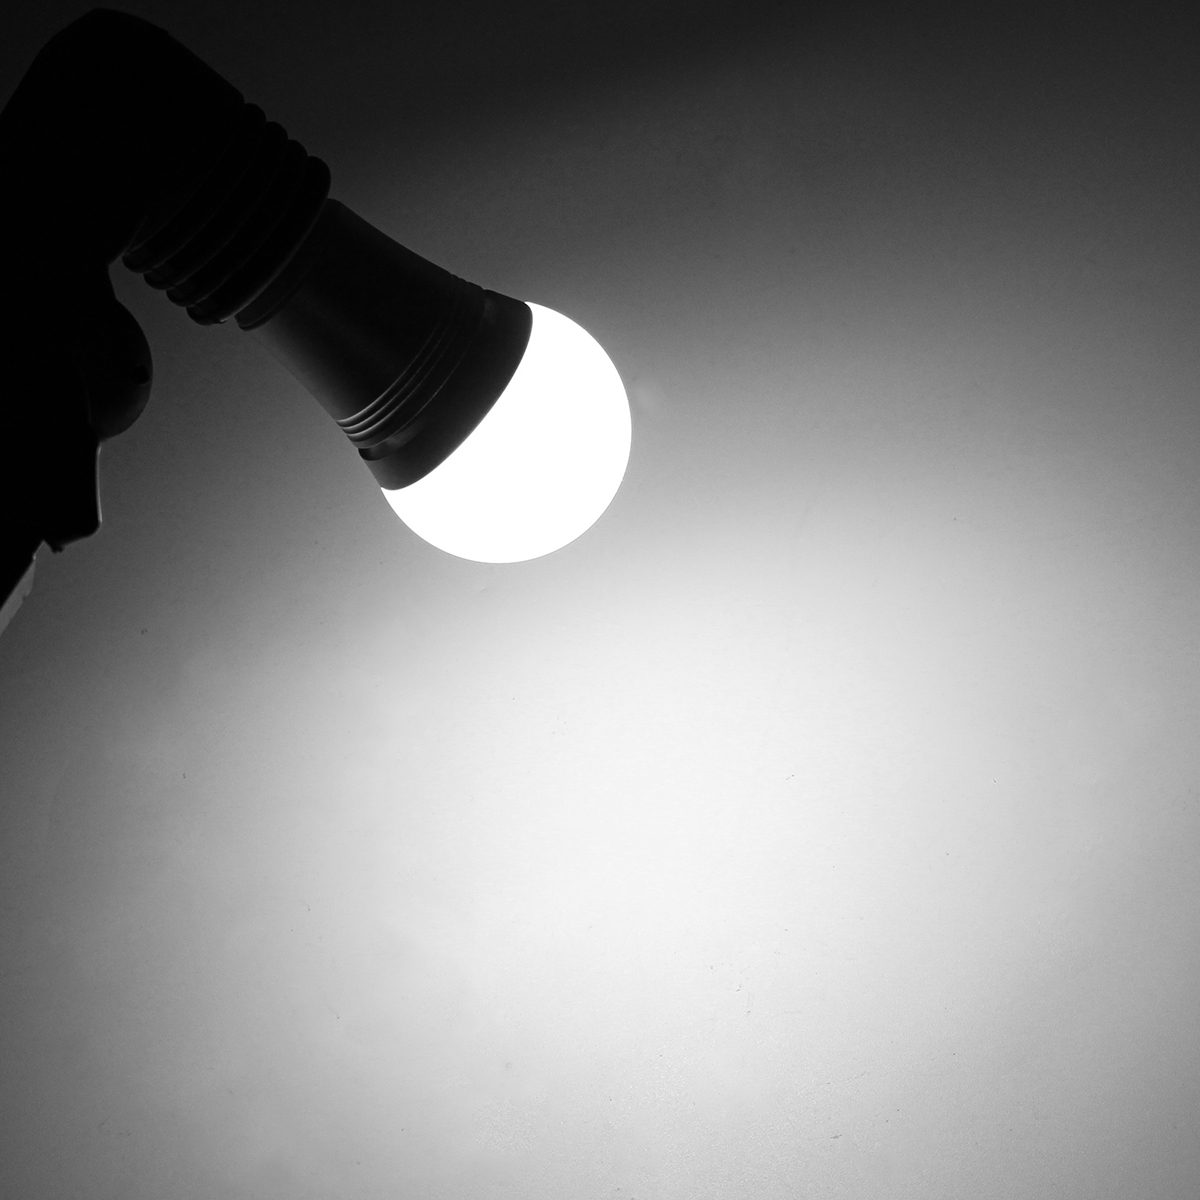 7W E27 WiFi LED RGB Light Smart Bulb APP Remote Control for Echo Alexa Google Home AC85-265V